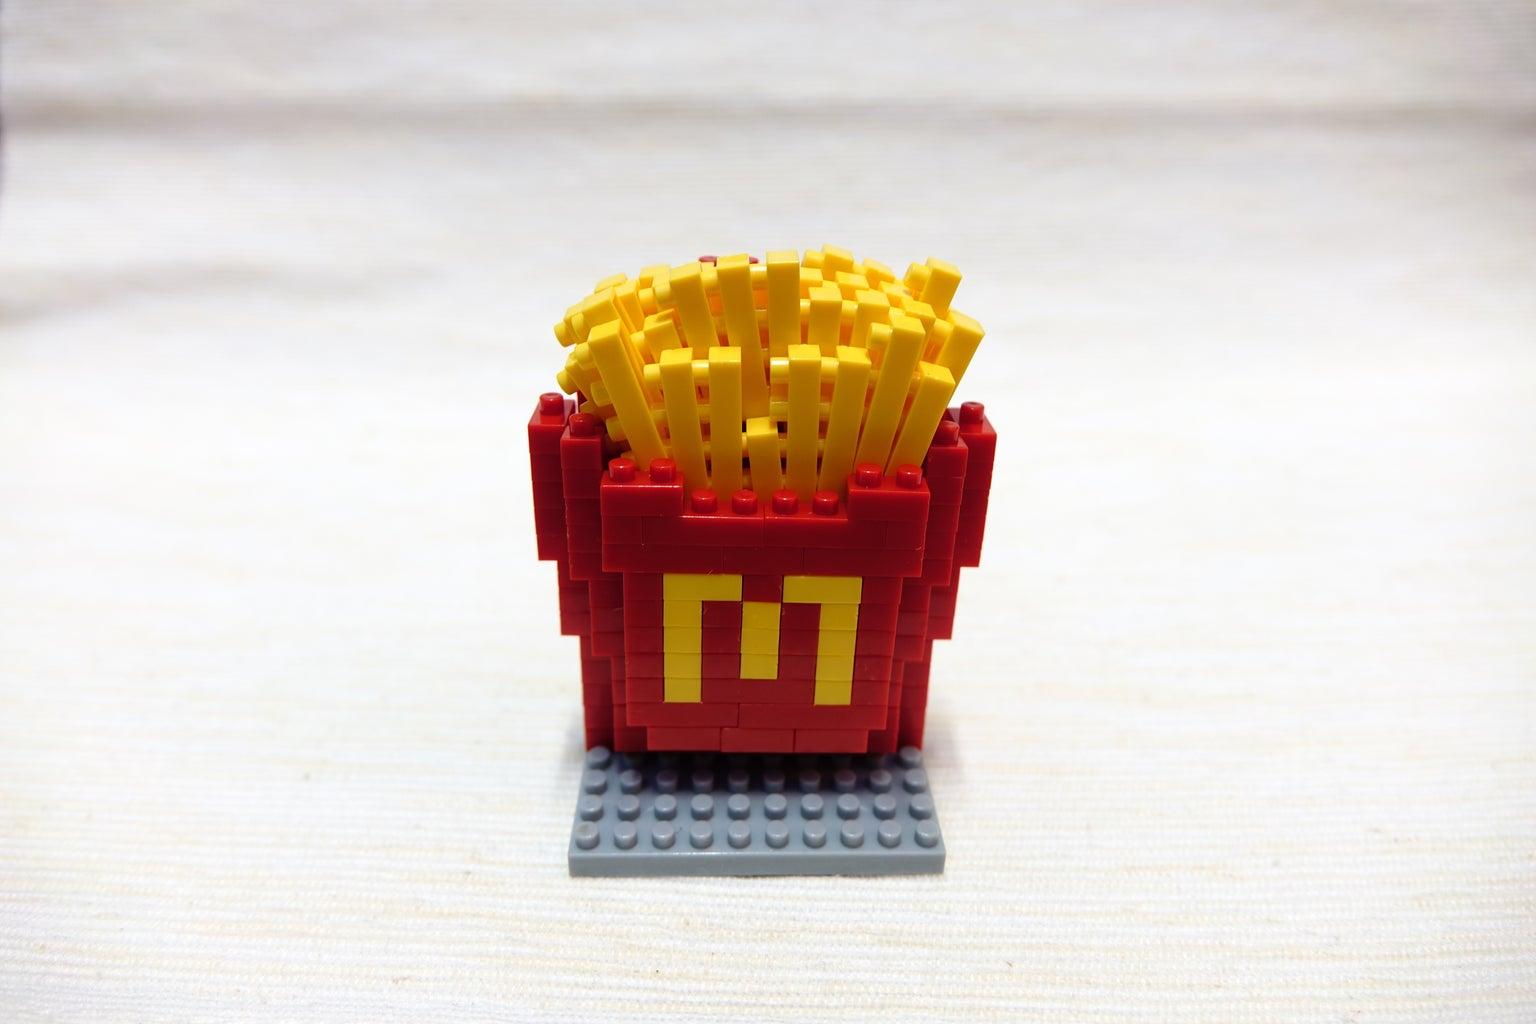 Yellow Block 1*4, 1*4, 1*4, 1*4, 1*4, 1*4, 1*4, 1*4